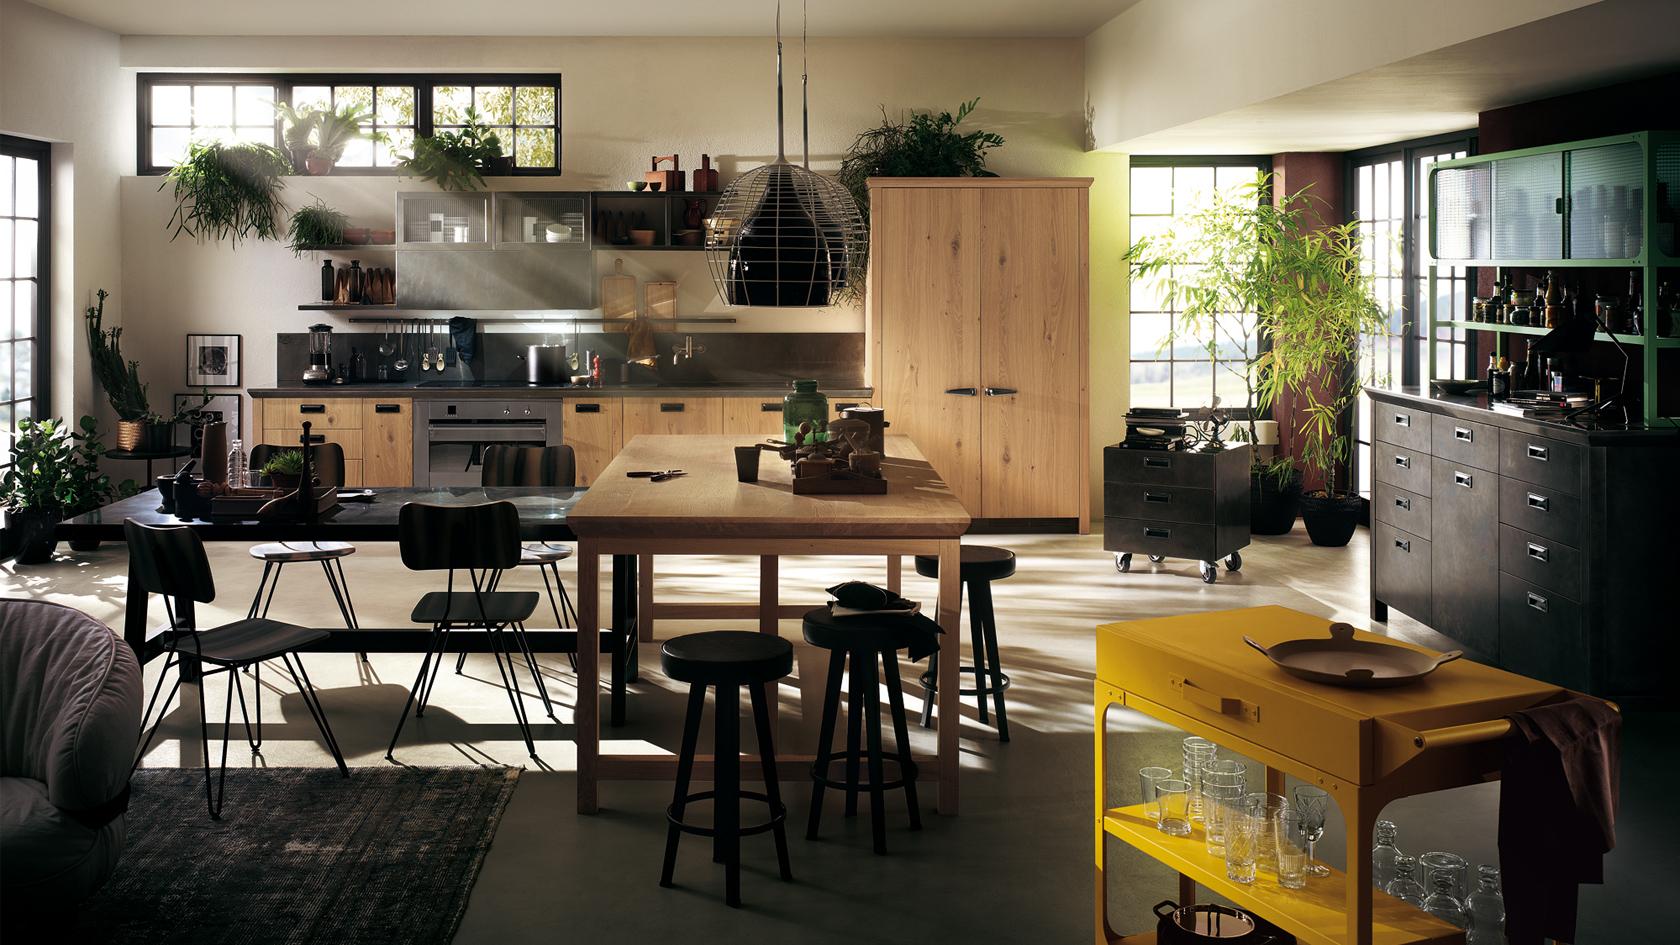 5. Diesel Social Kitchen